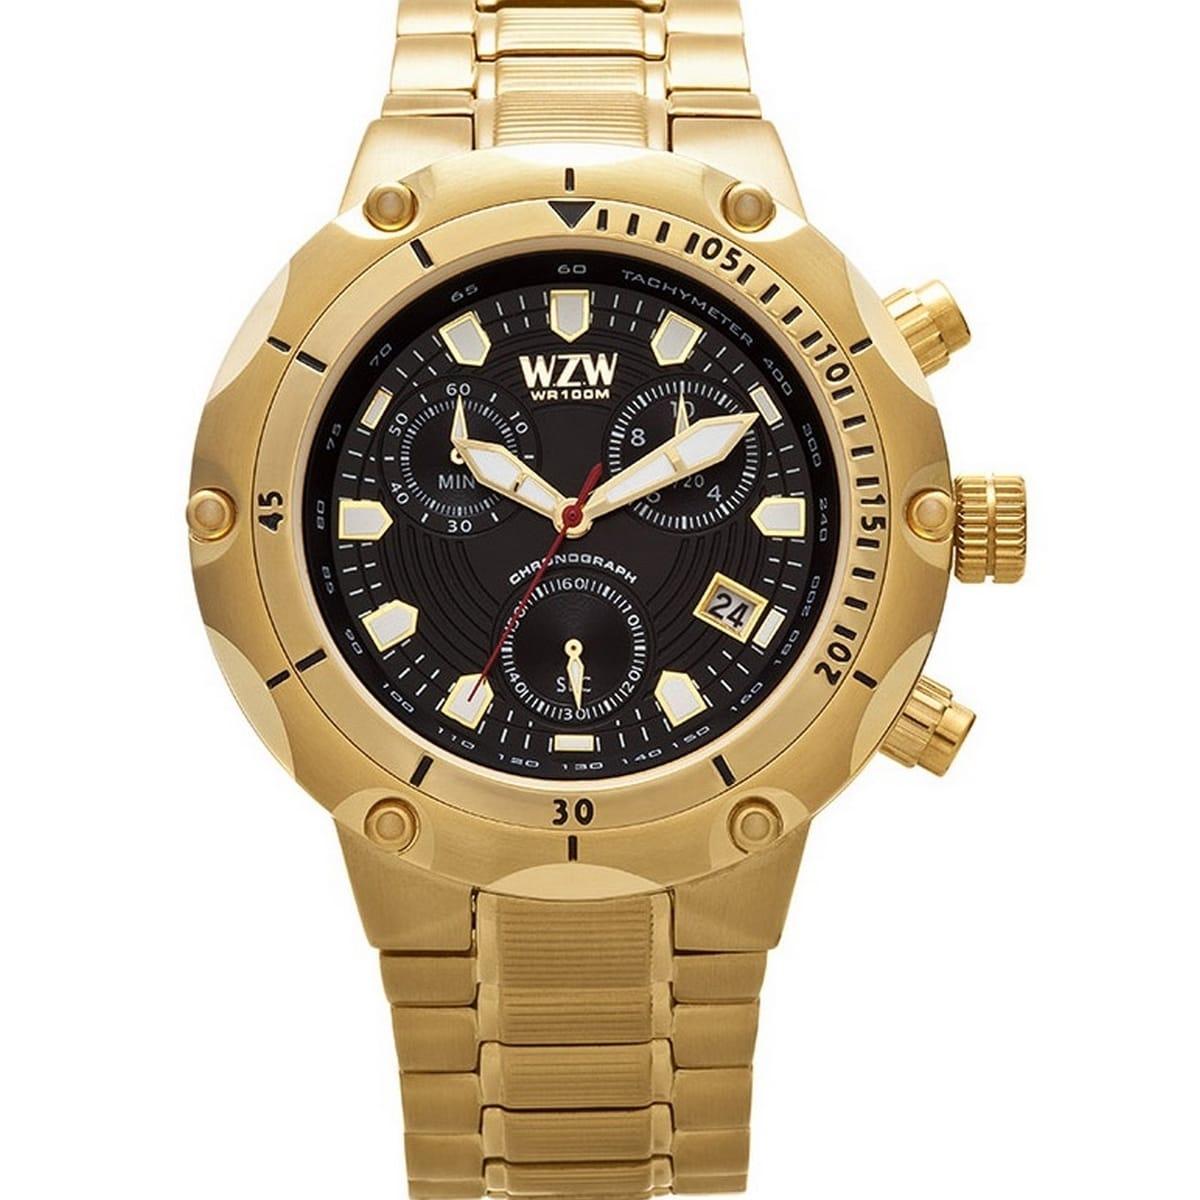 Relógio W.Z.W Masculino Dourado Cronógrafo Aço Inoxidável Big Case WZW-7215